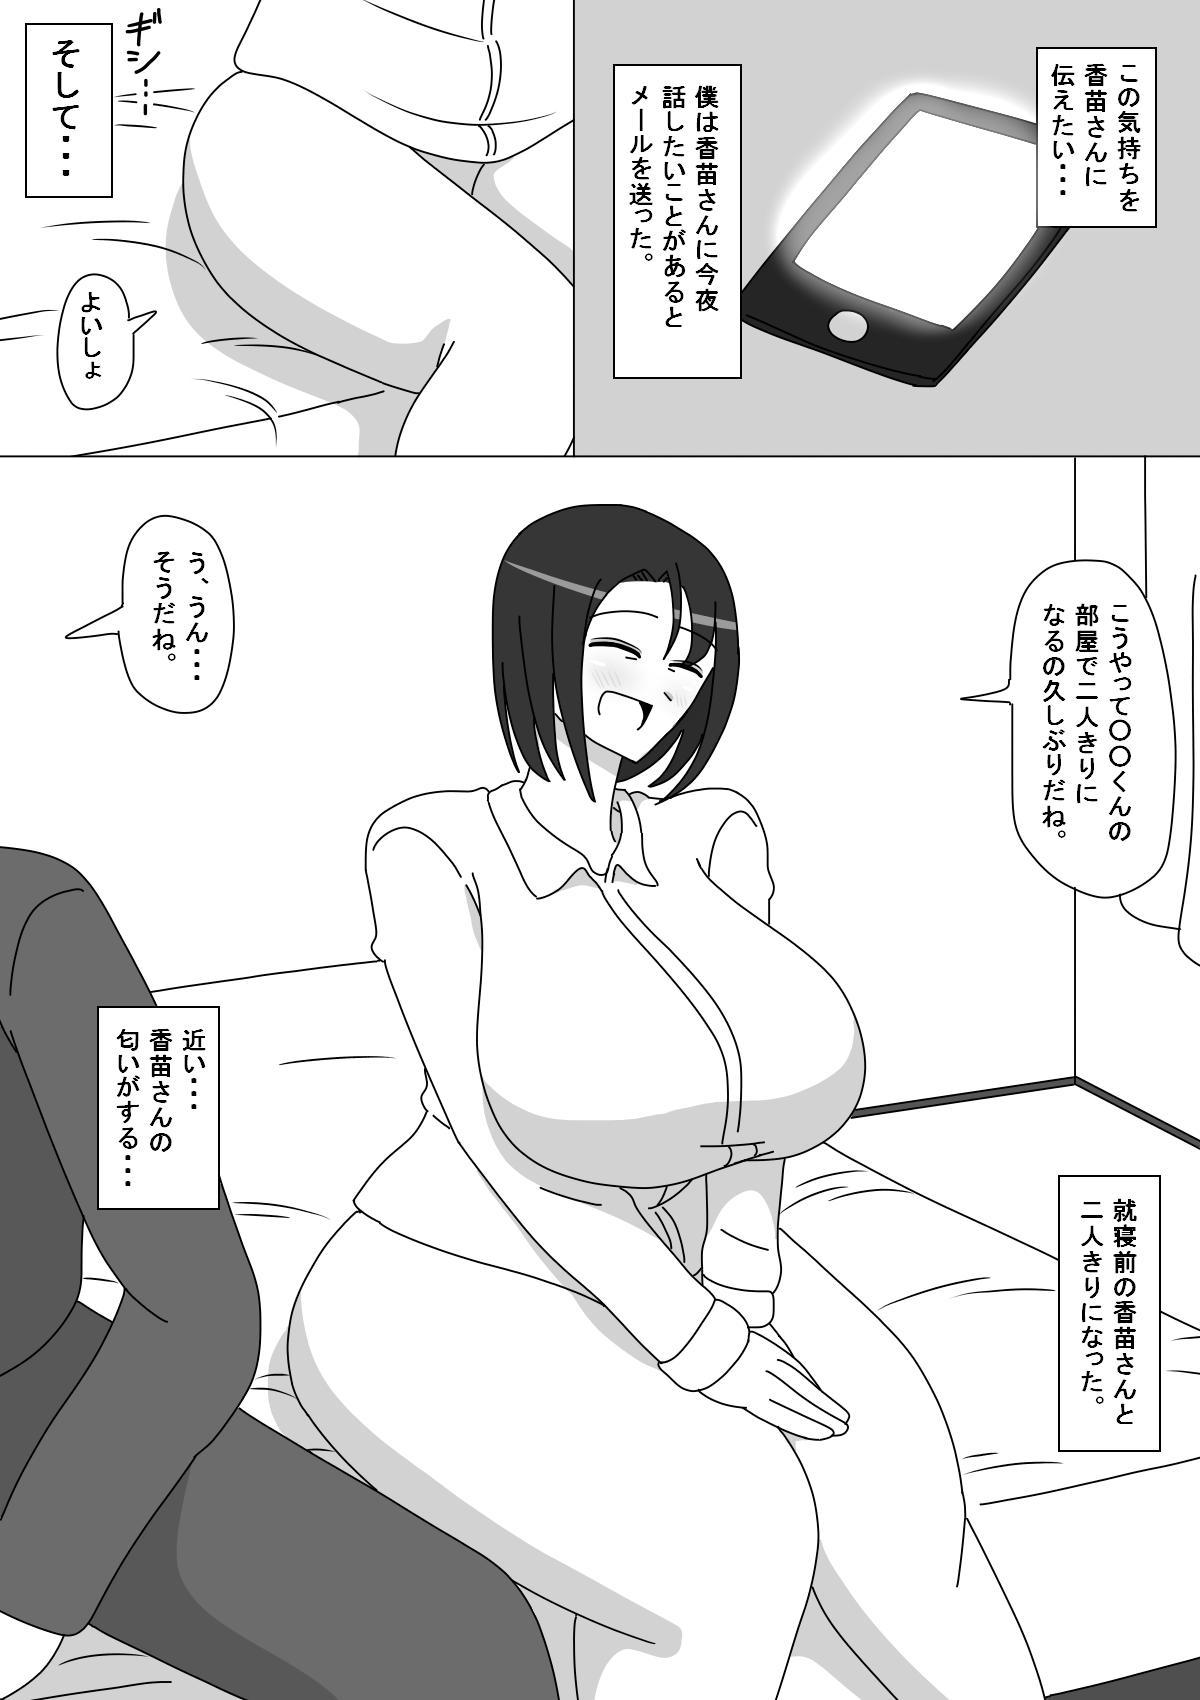 Kanae-san 3